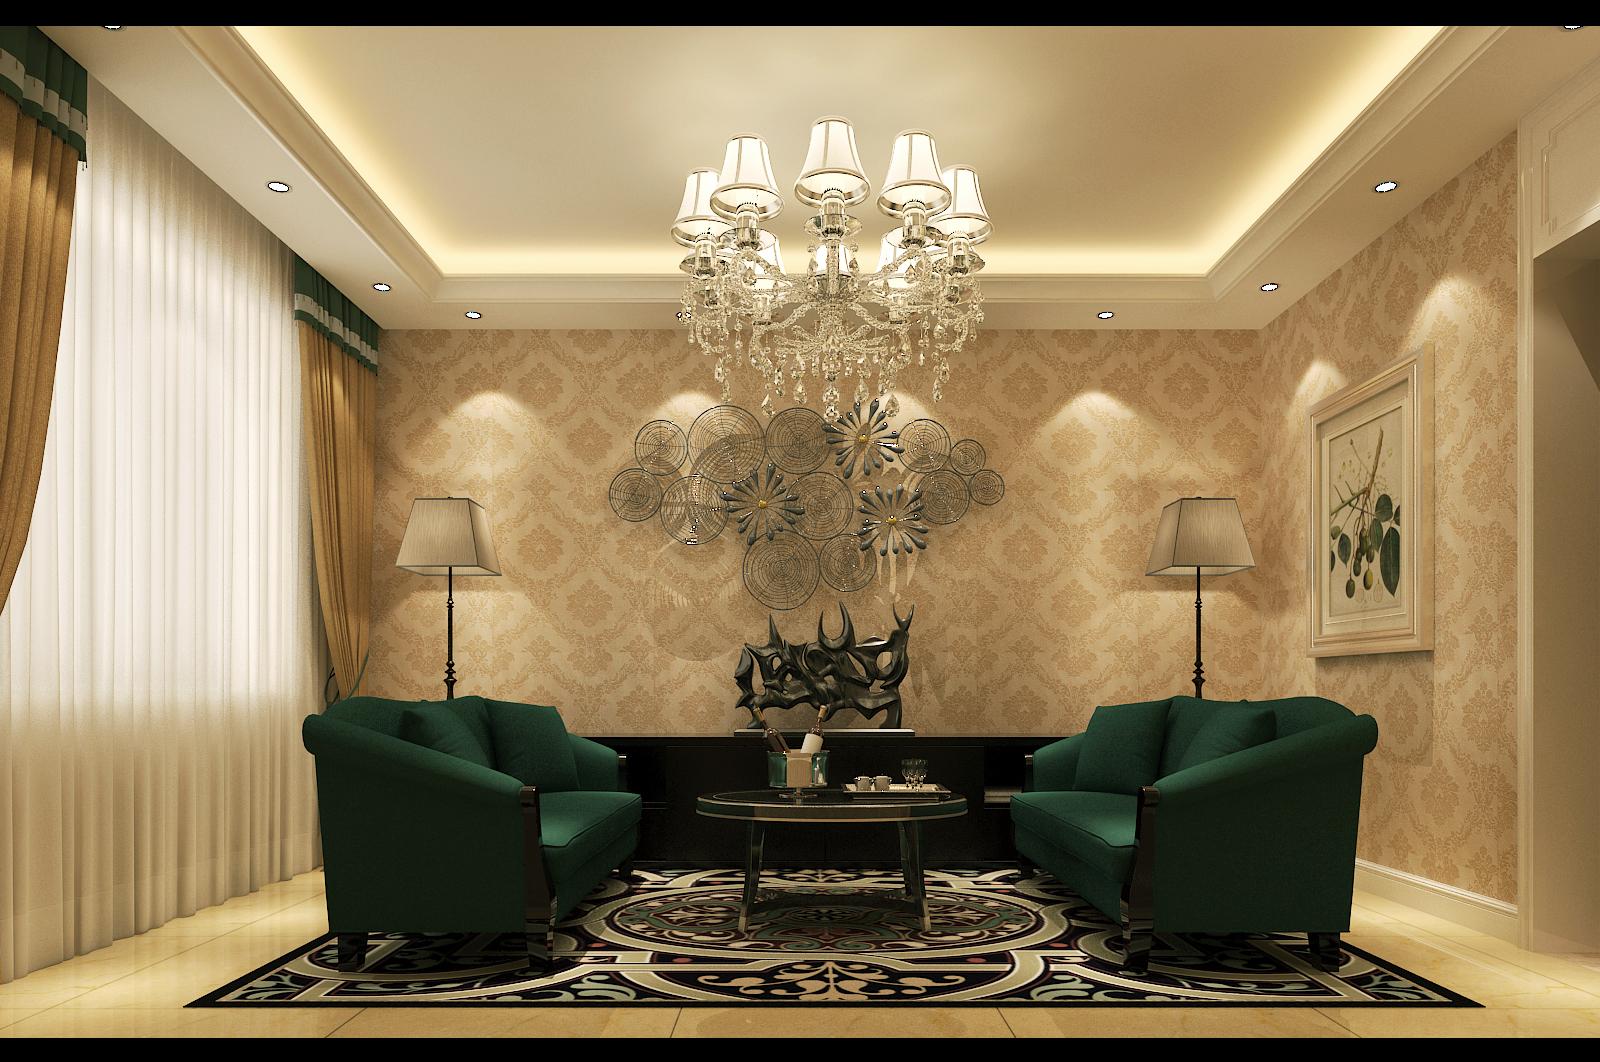 简约 欧式 田园 混搭 二居 三居 别墅 白领 旧房改造 客厅图片来自沪上名家-巩光辉在城东路家属院的分享